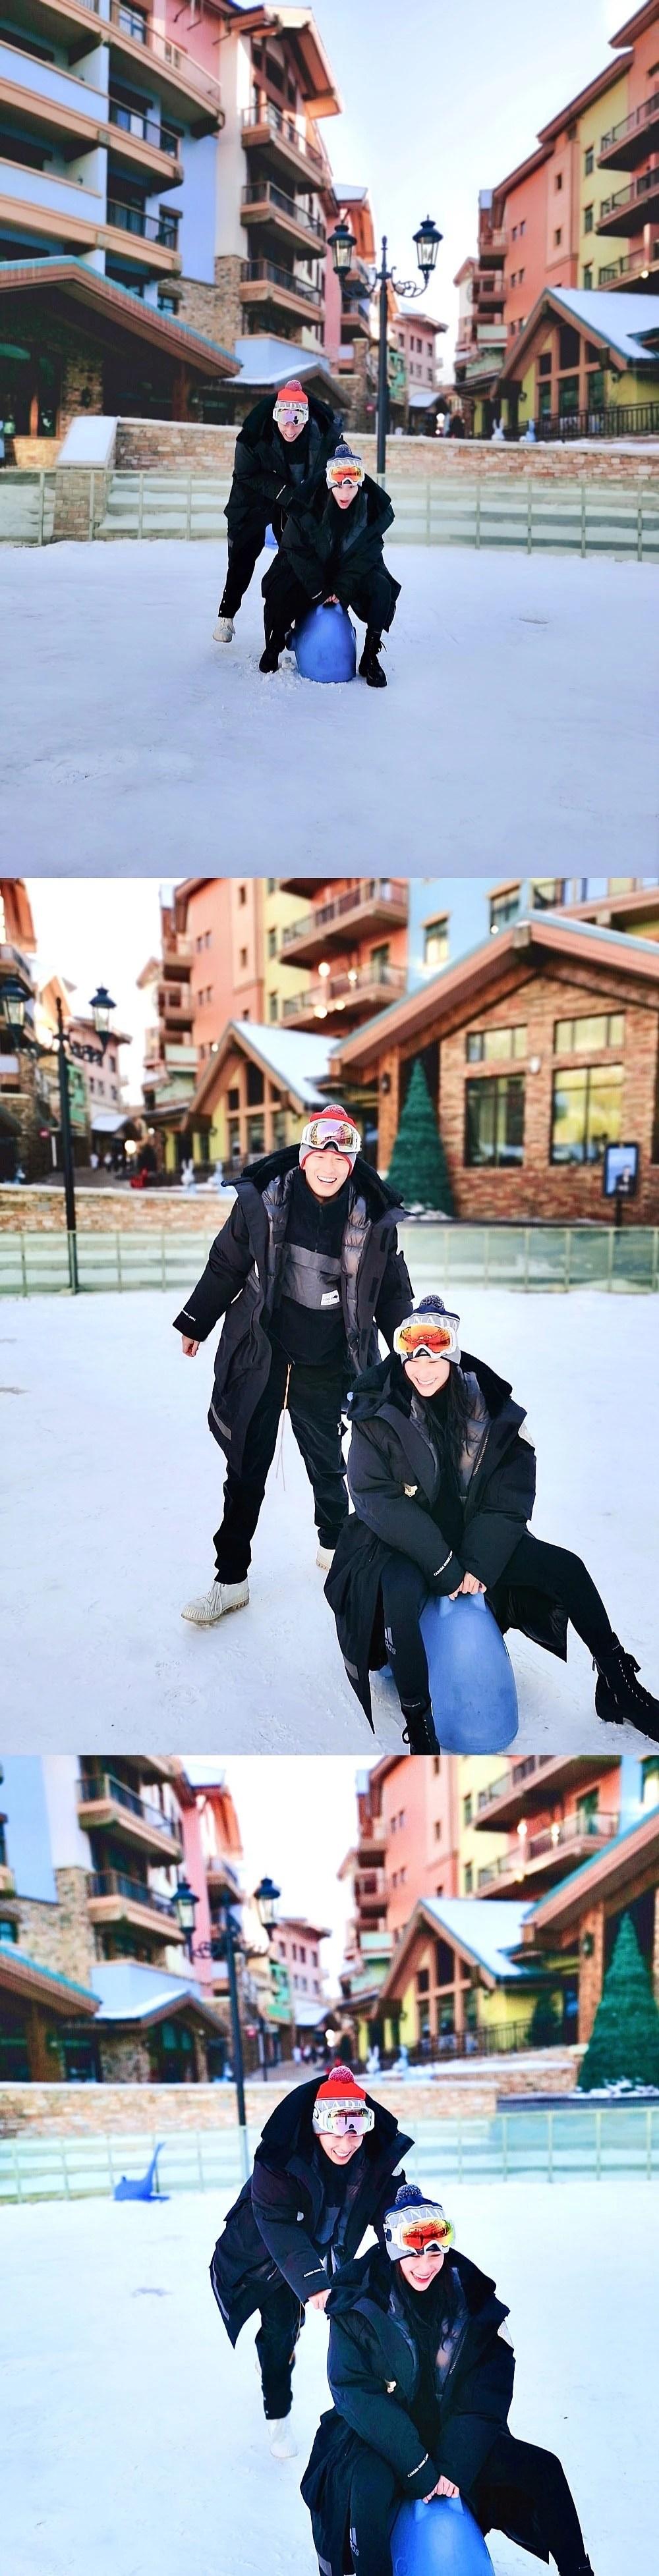 何超蓮與竇驍一起去崇禮滑雪游玩,曬合照倆人滑雪玩雪牽手太幸福_騰訊新聞